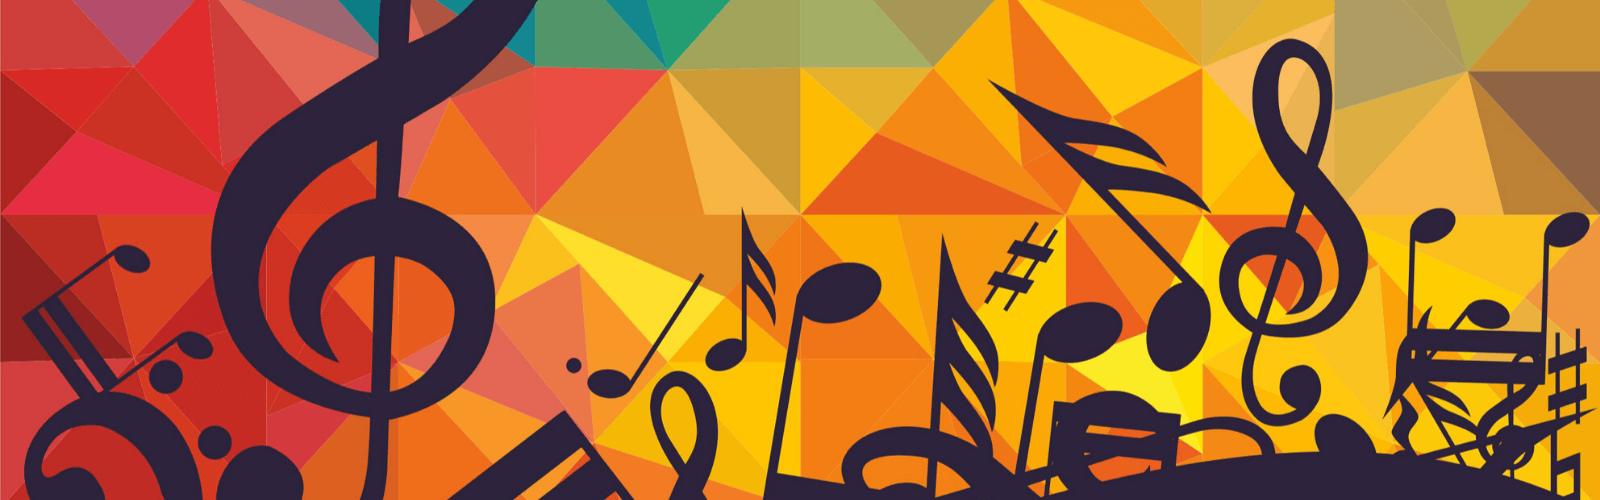 Translink Charity Concert – Thursday 21st November